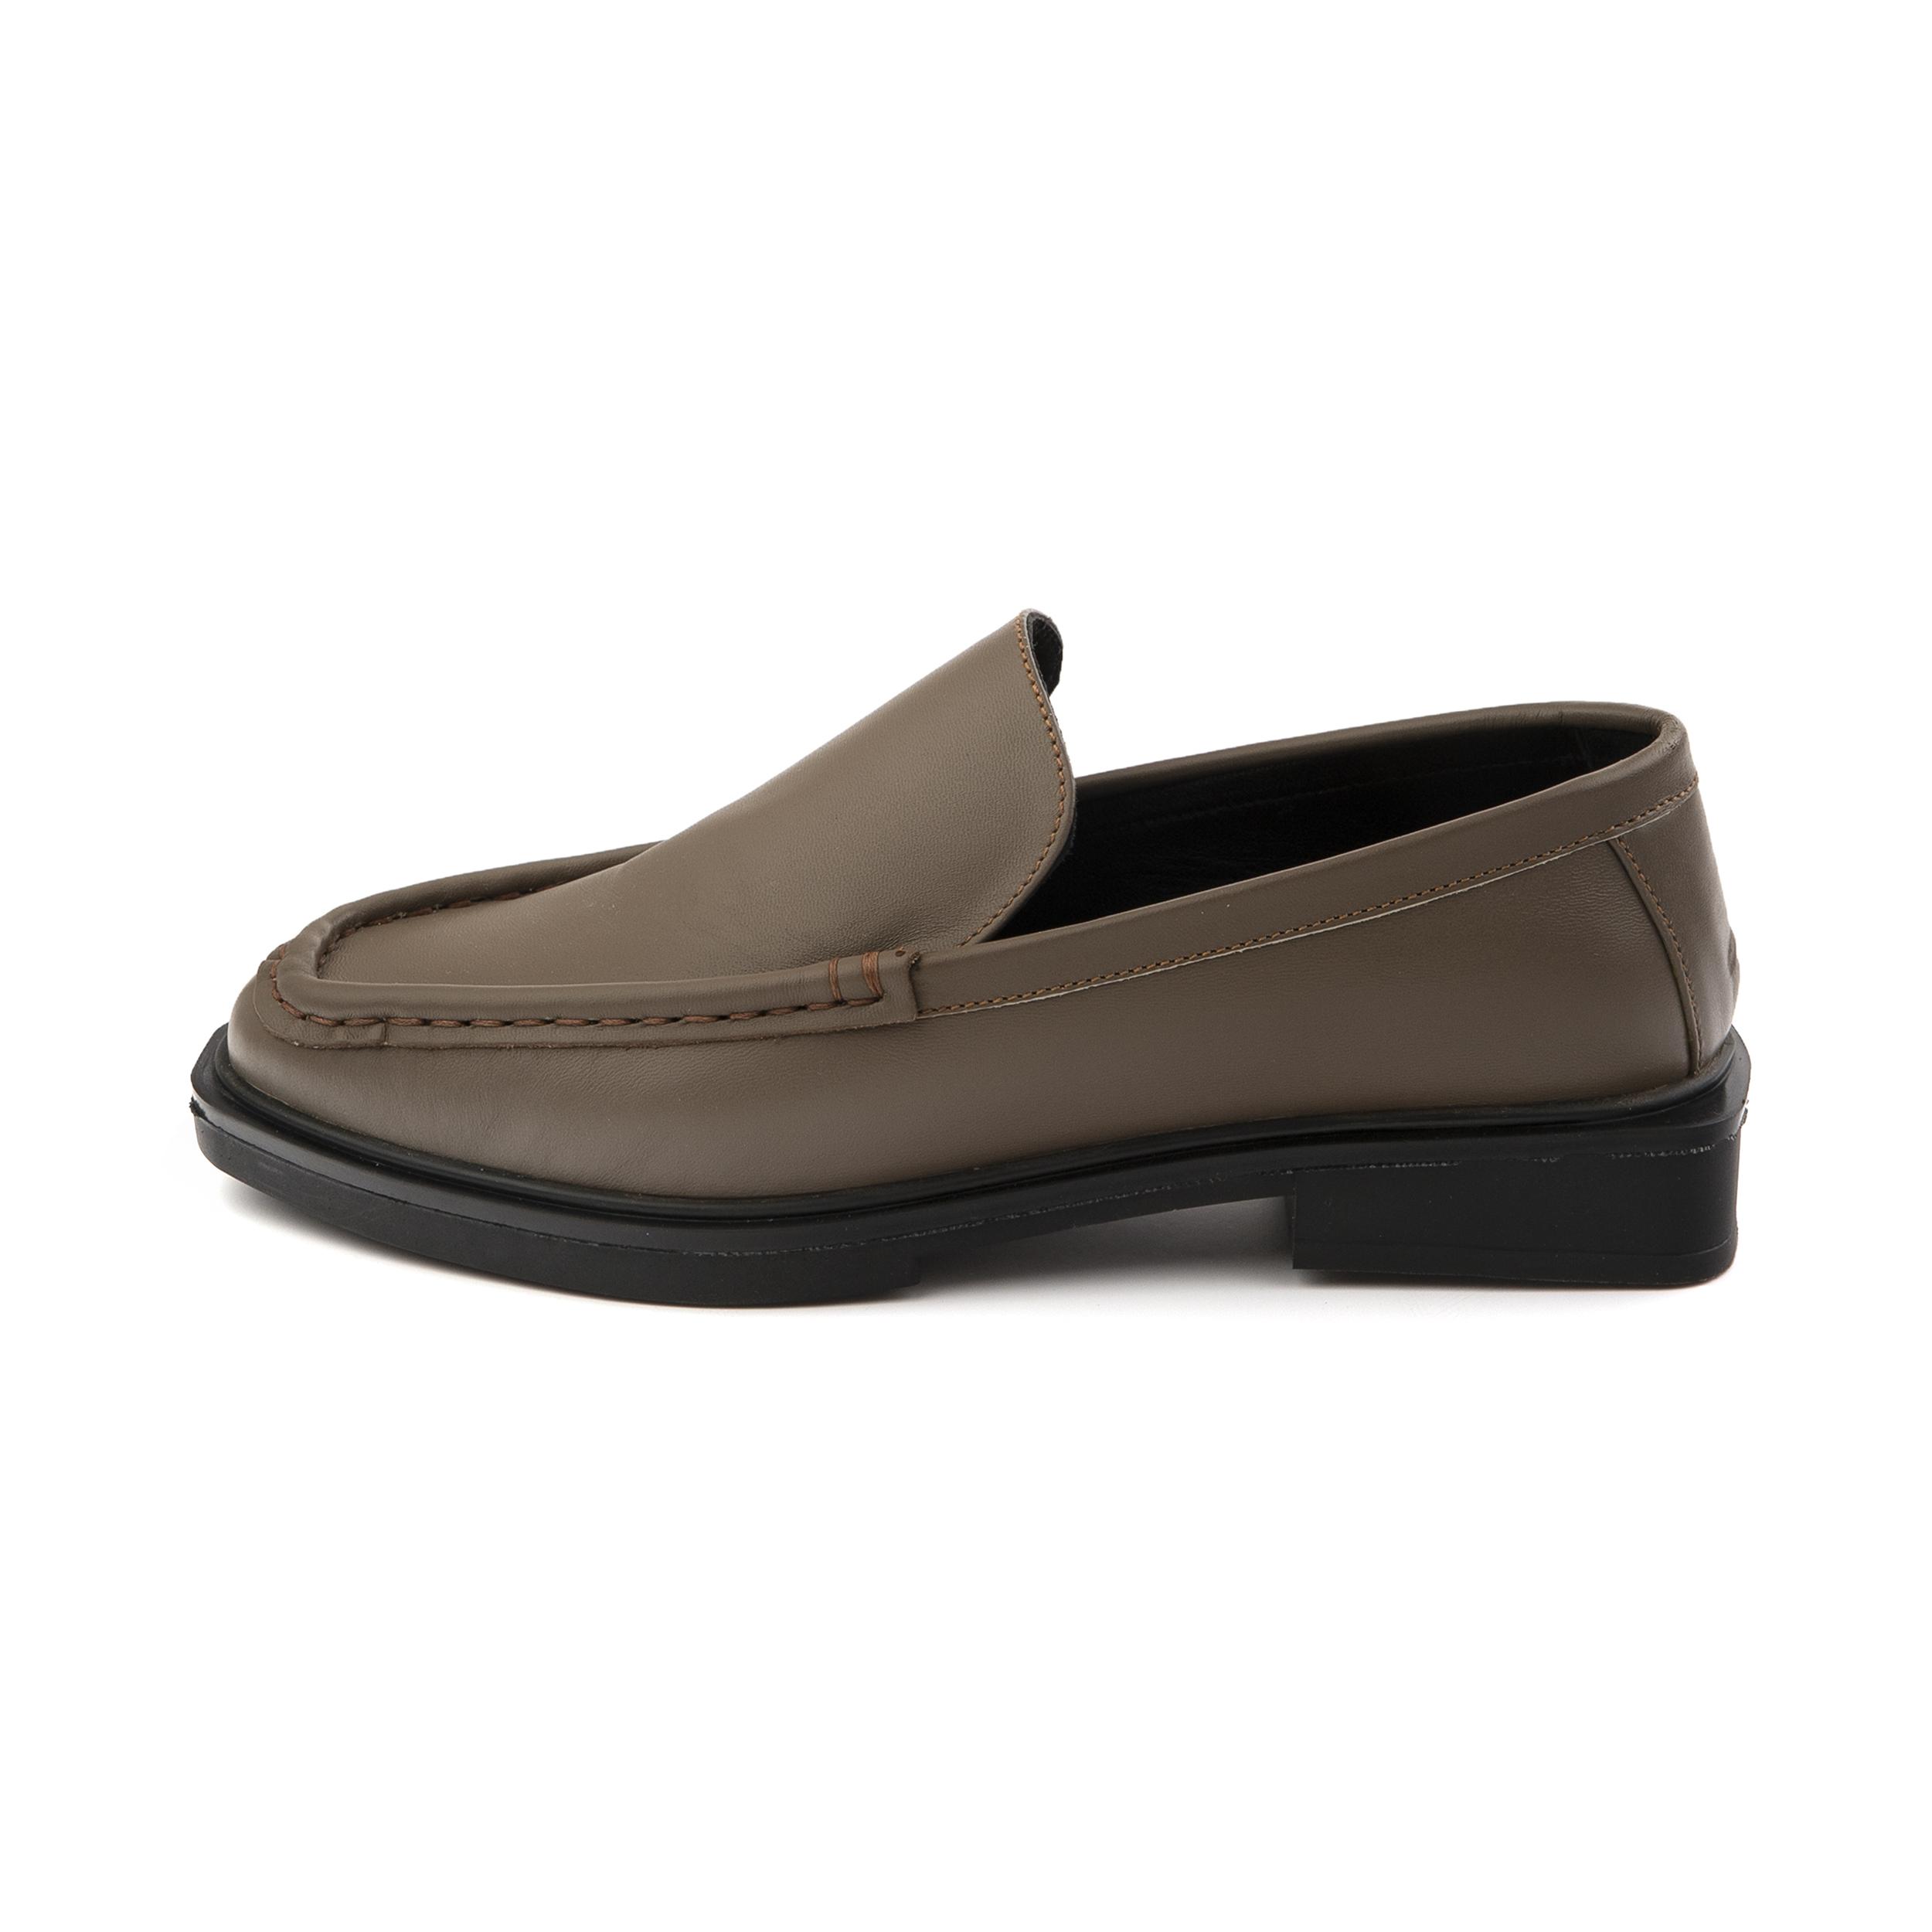 کفش زنانه آرتمن مدل Clair-44407